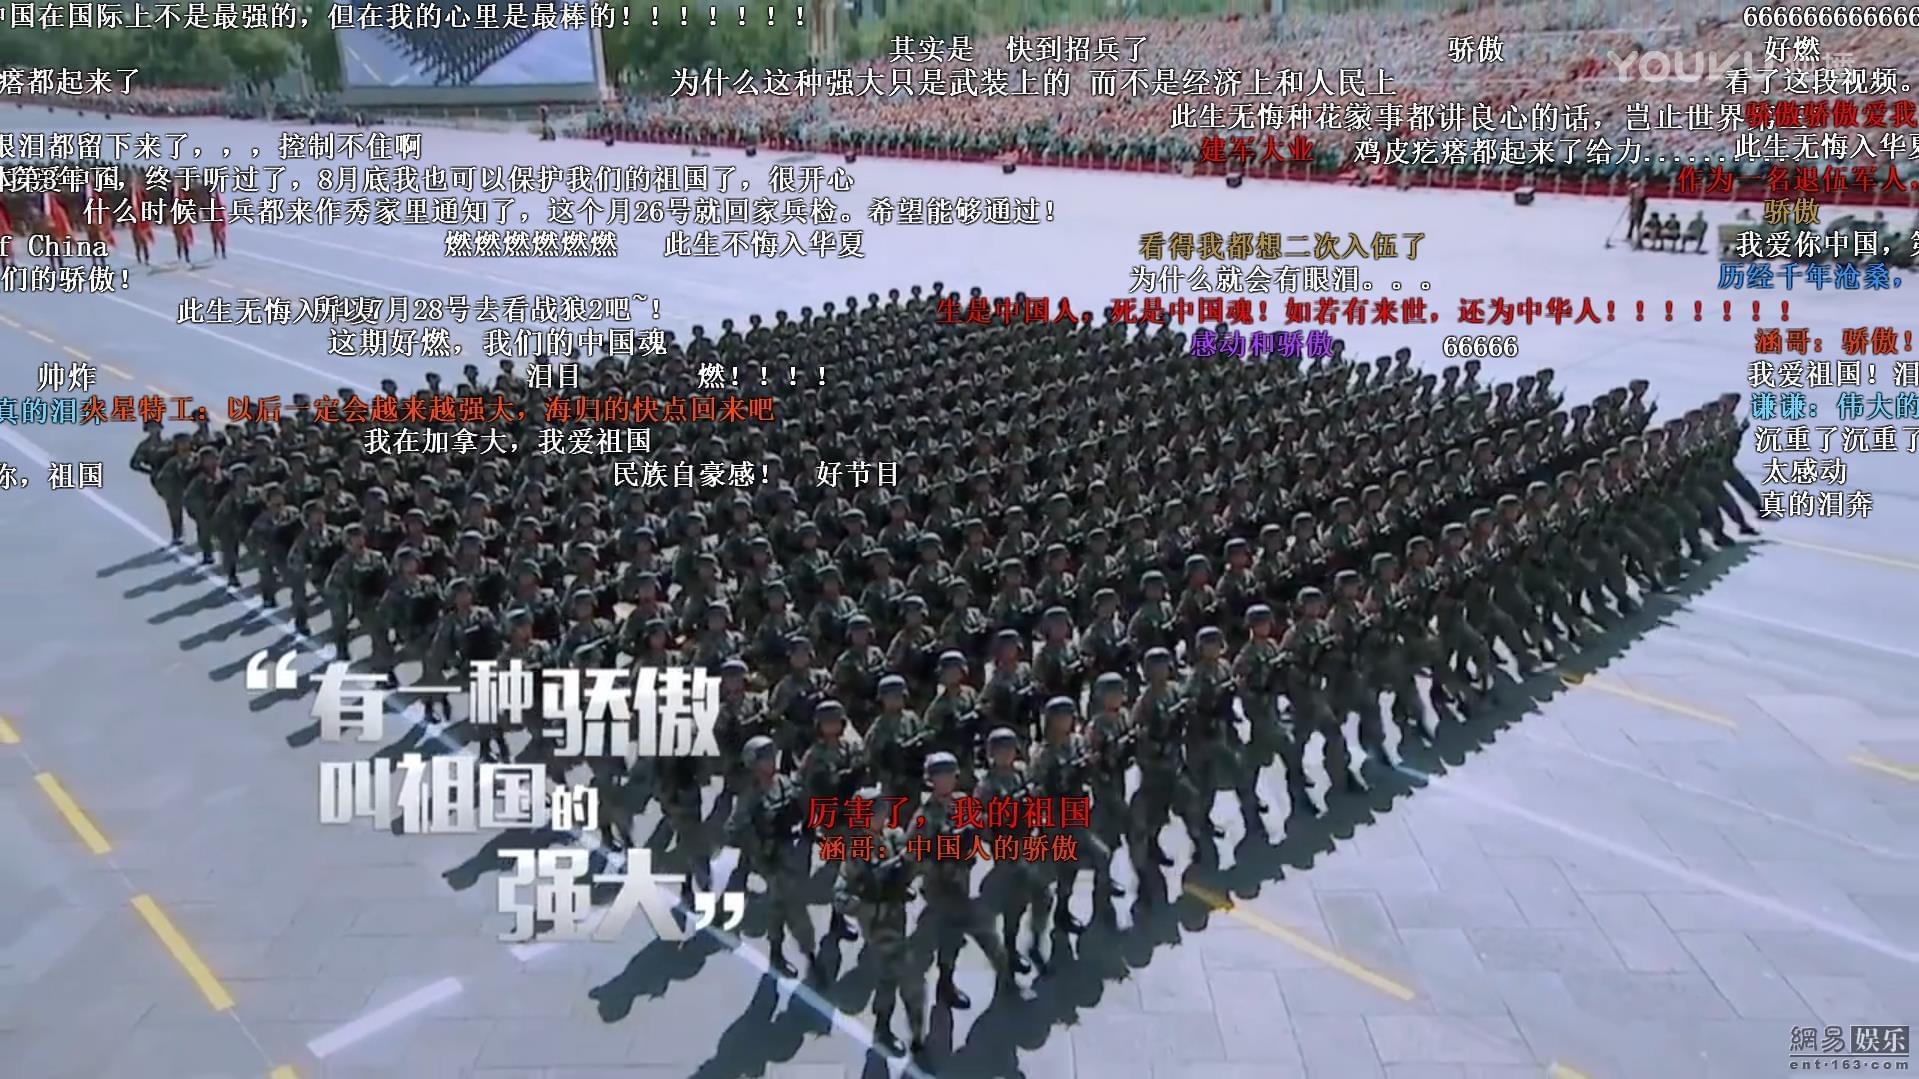 《火星》武警战士帅气亮相 中国力量引集体表白